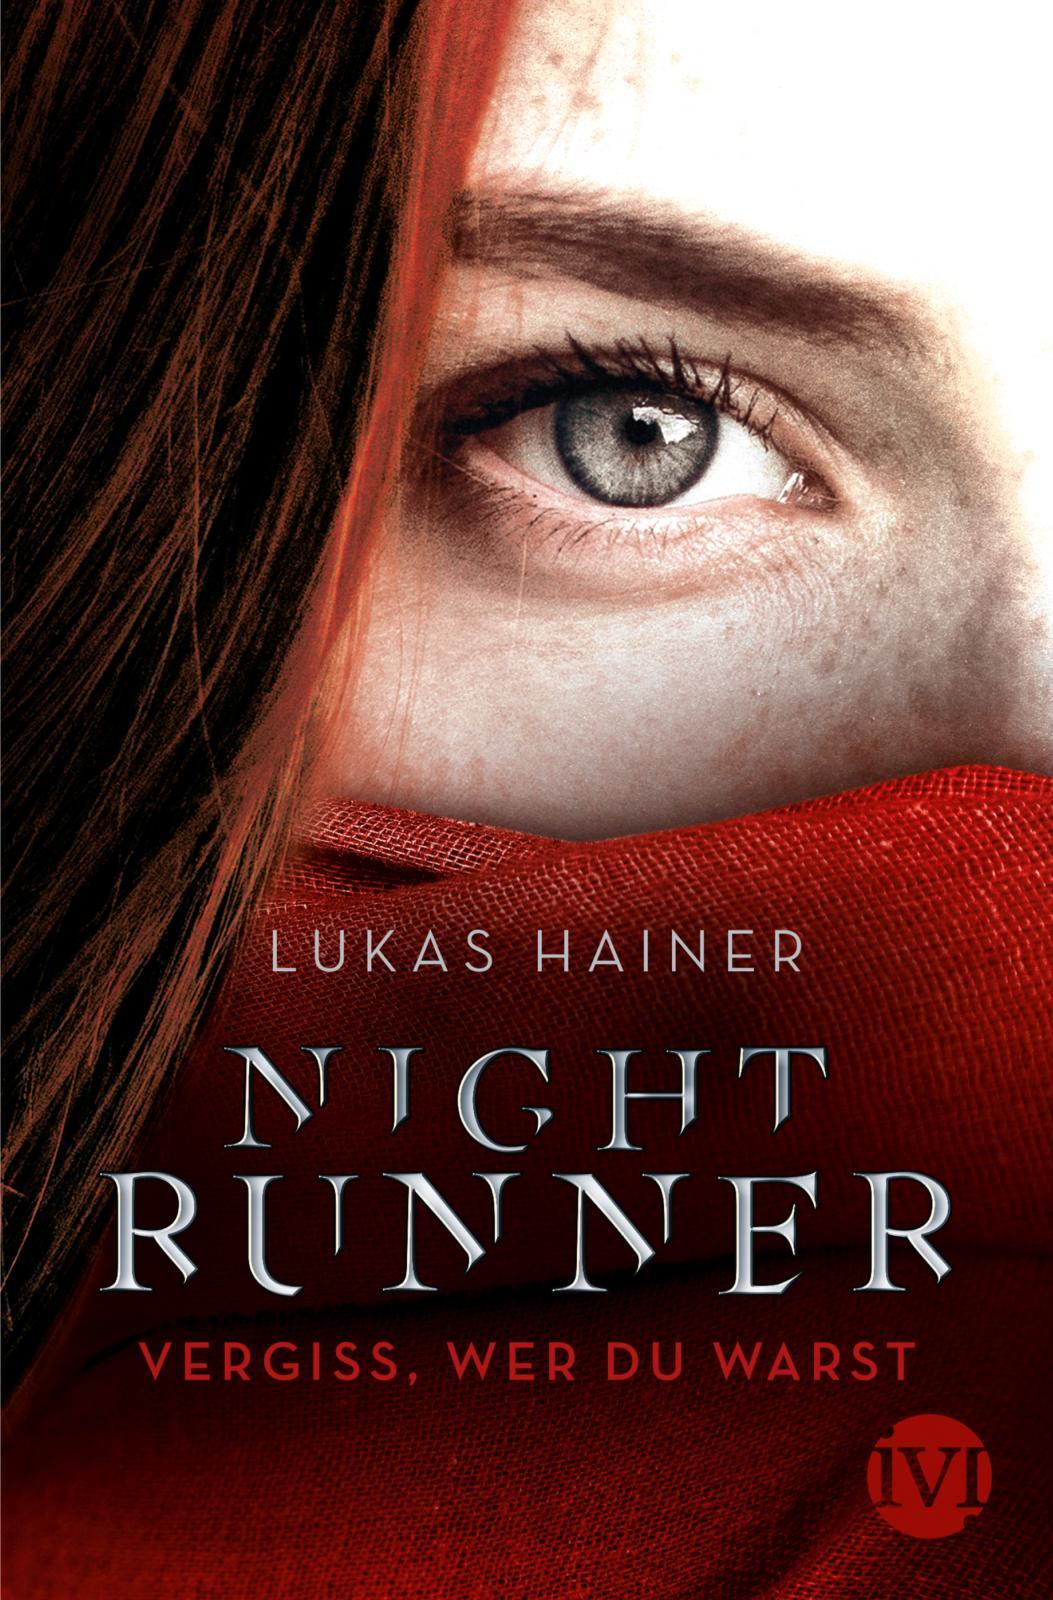 Nightrunner von Lukas Hainer